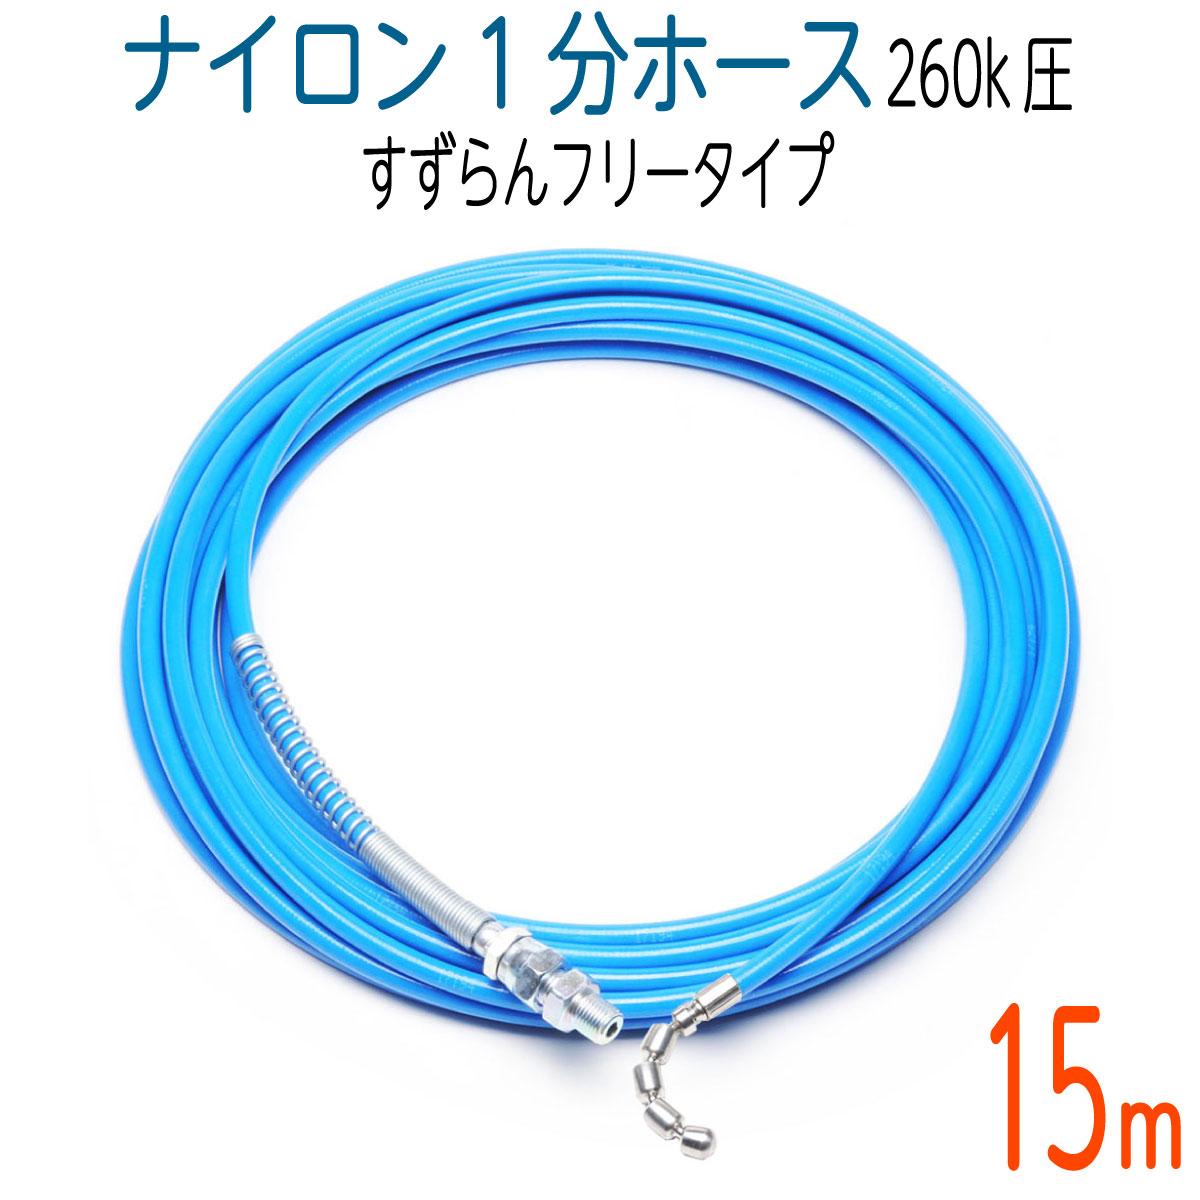 すずらんフリータイプ ナイロン洗管ホース 3.6 評価 1分 即出荷 × 15M